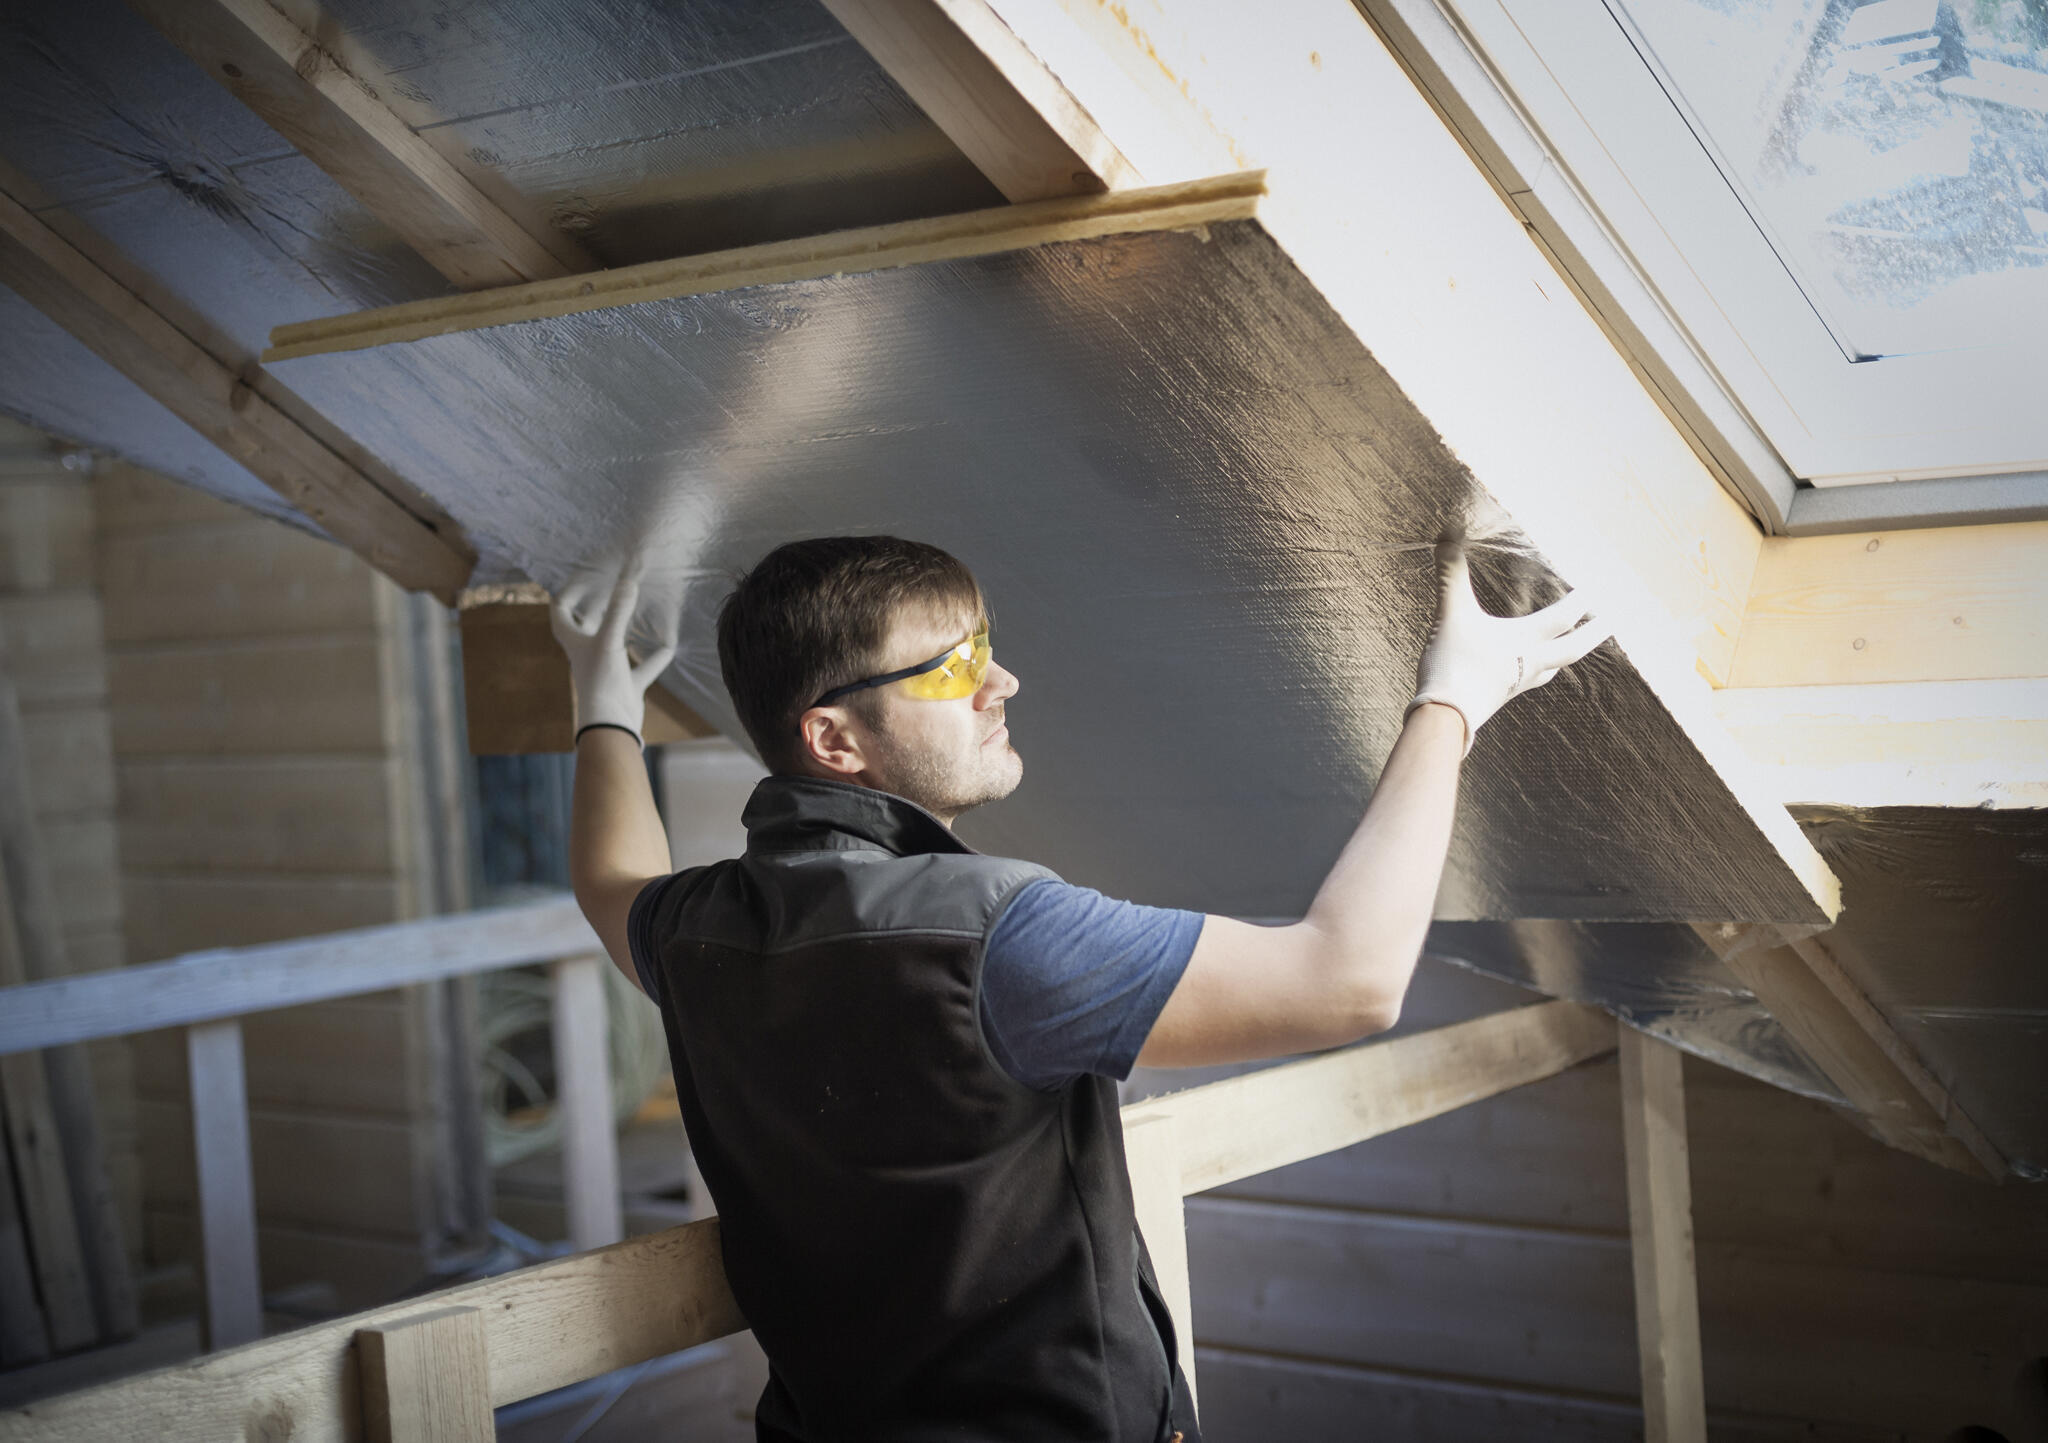 Les chantiers ont de plus en plus de mal à se fournir en panneaux isolants.